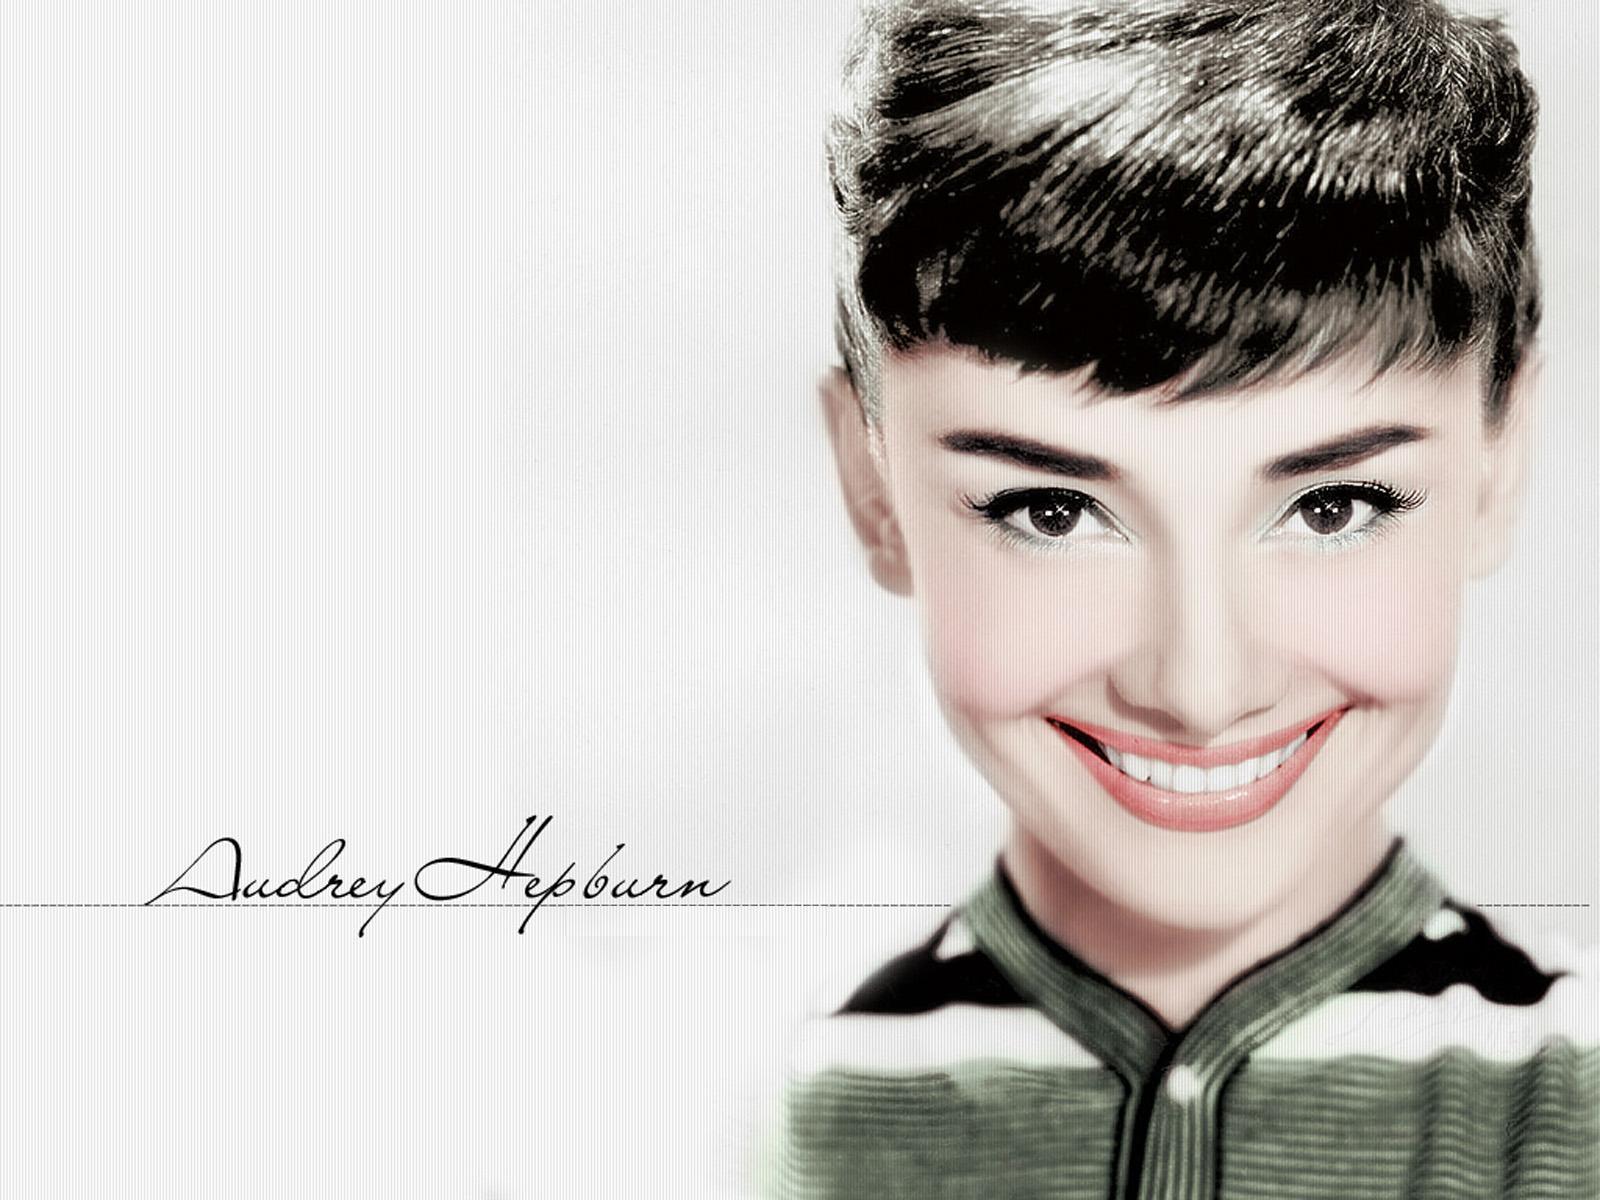 Wallpapers Photo Art Audrey Hepburn Wallpapers Audrey Hepburn 1600x1200